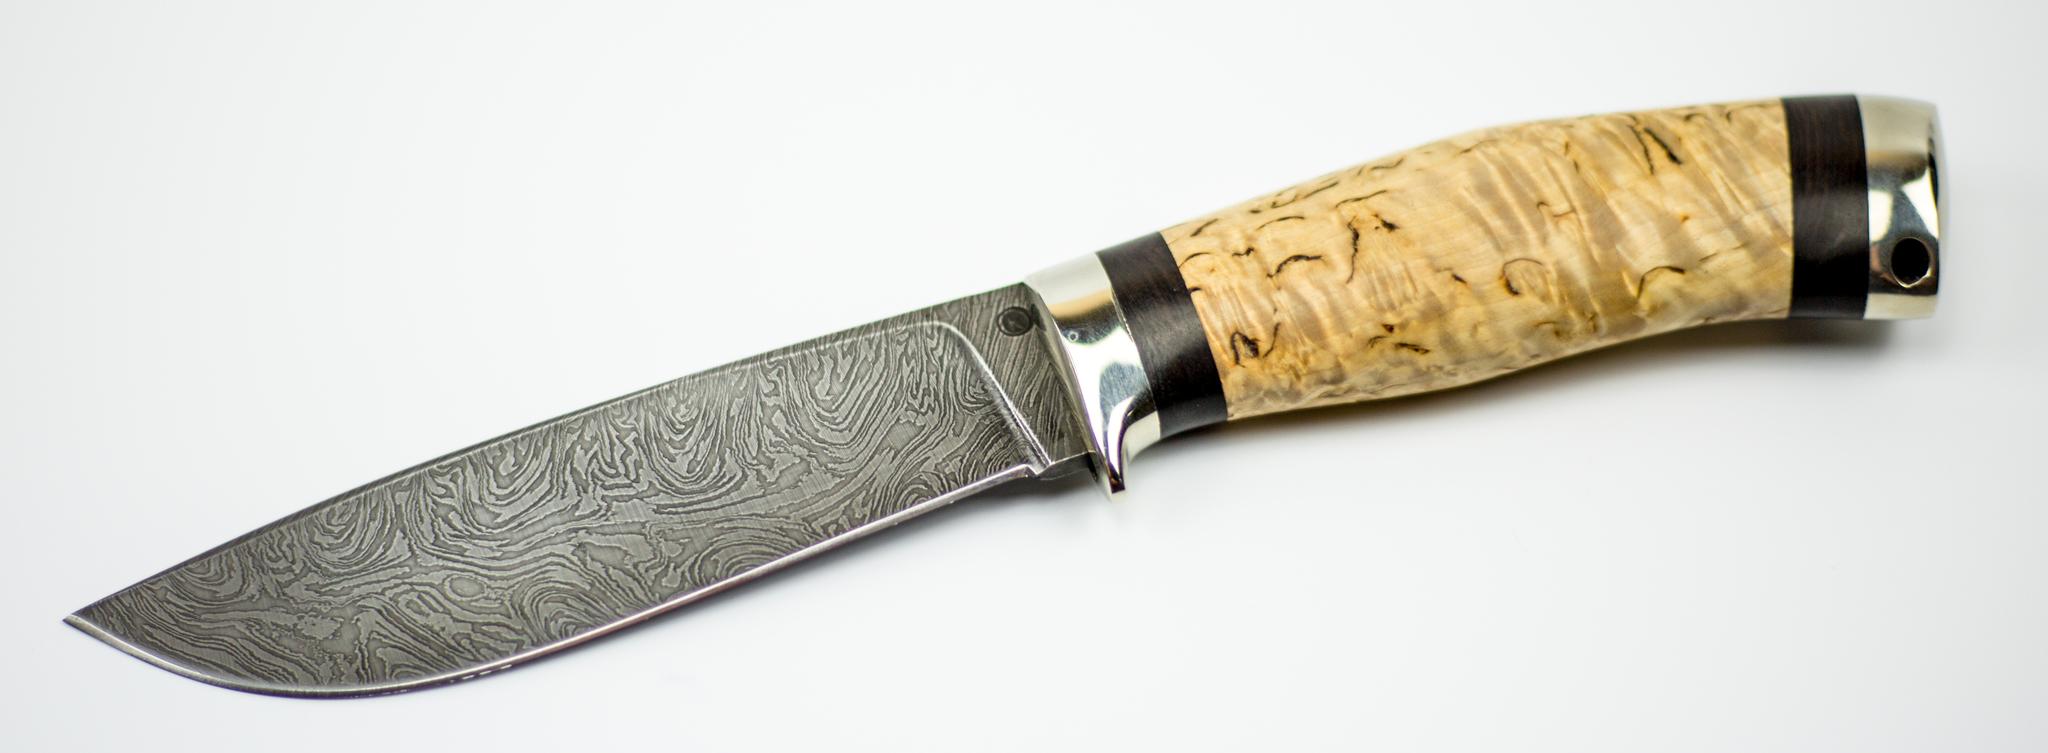 Фото 12 - Нож Лесник дамаск от Ножи Крутова